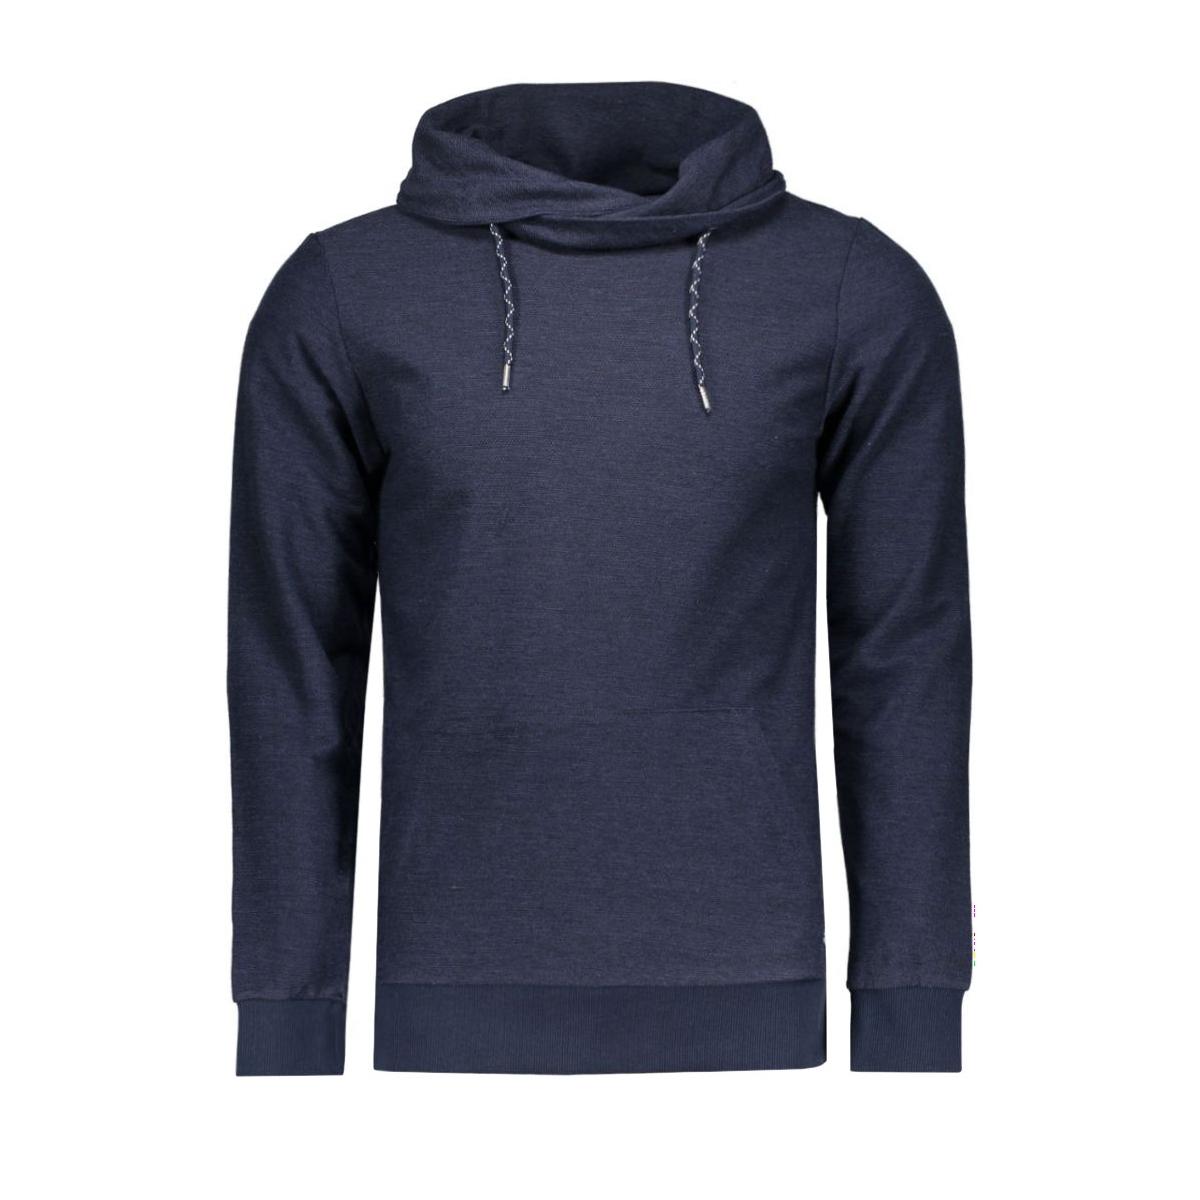 086ee2j010 esprit sweater e400